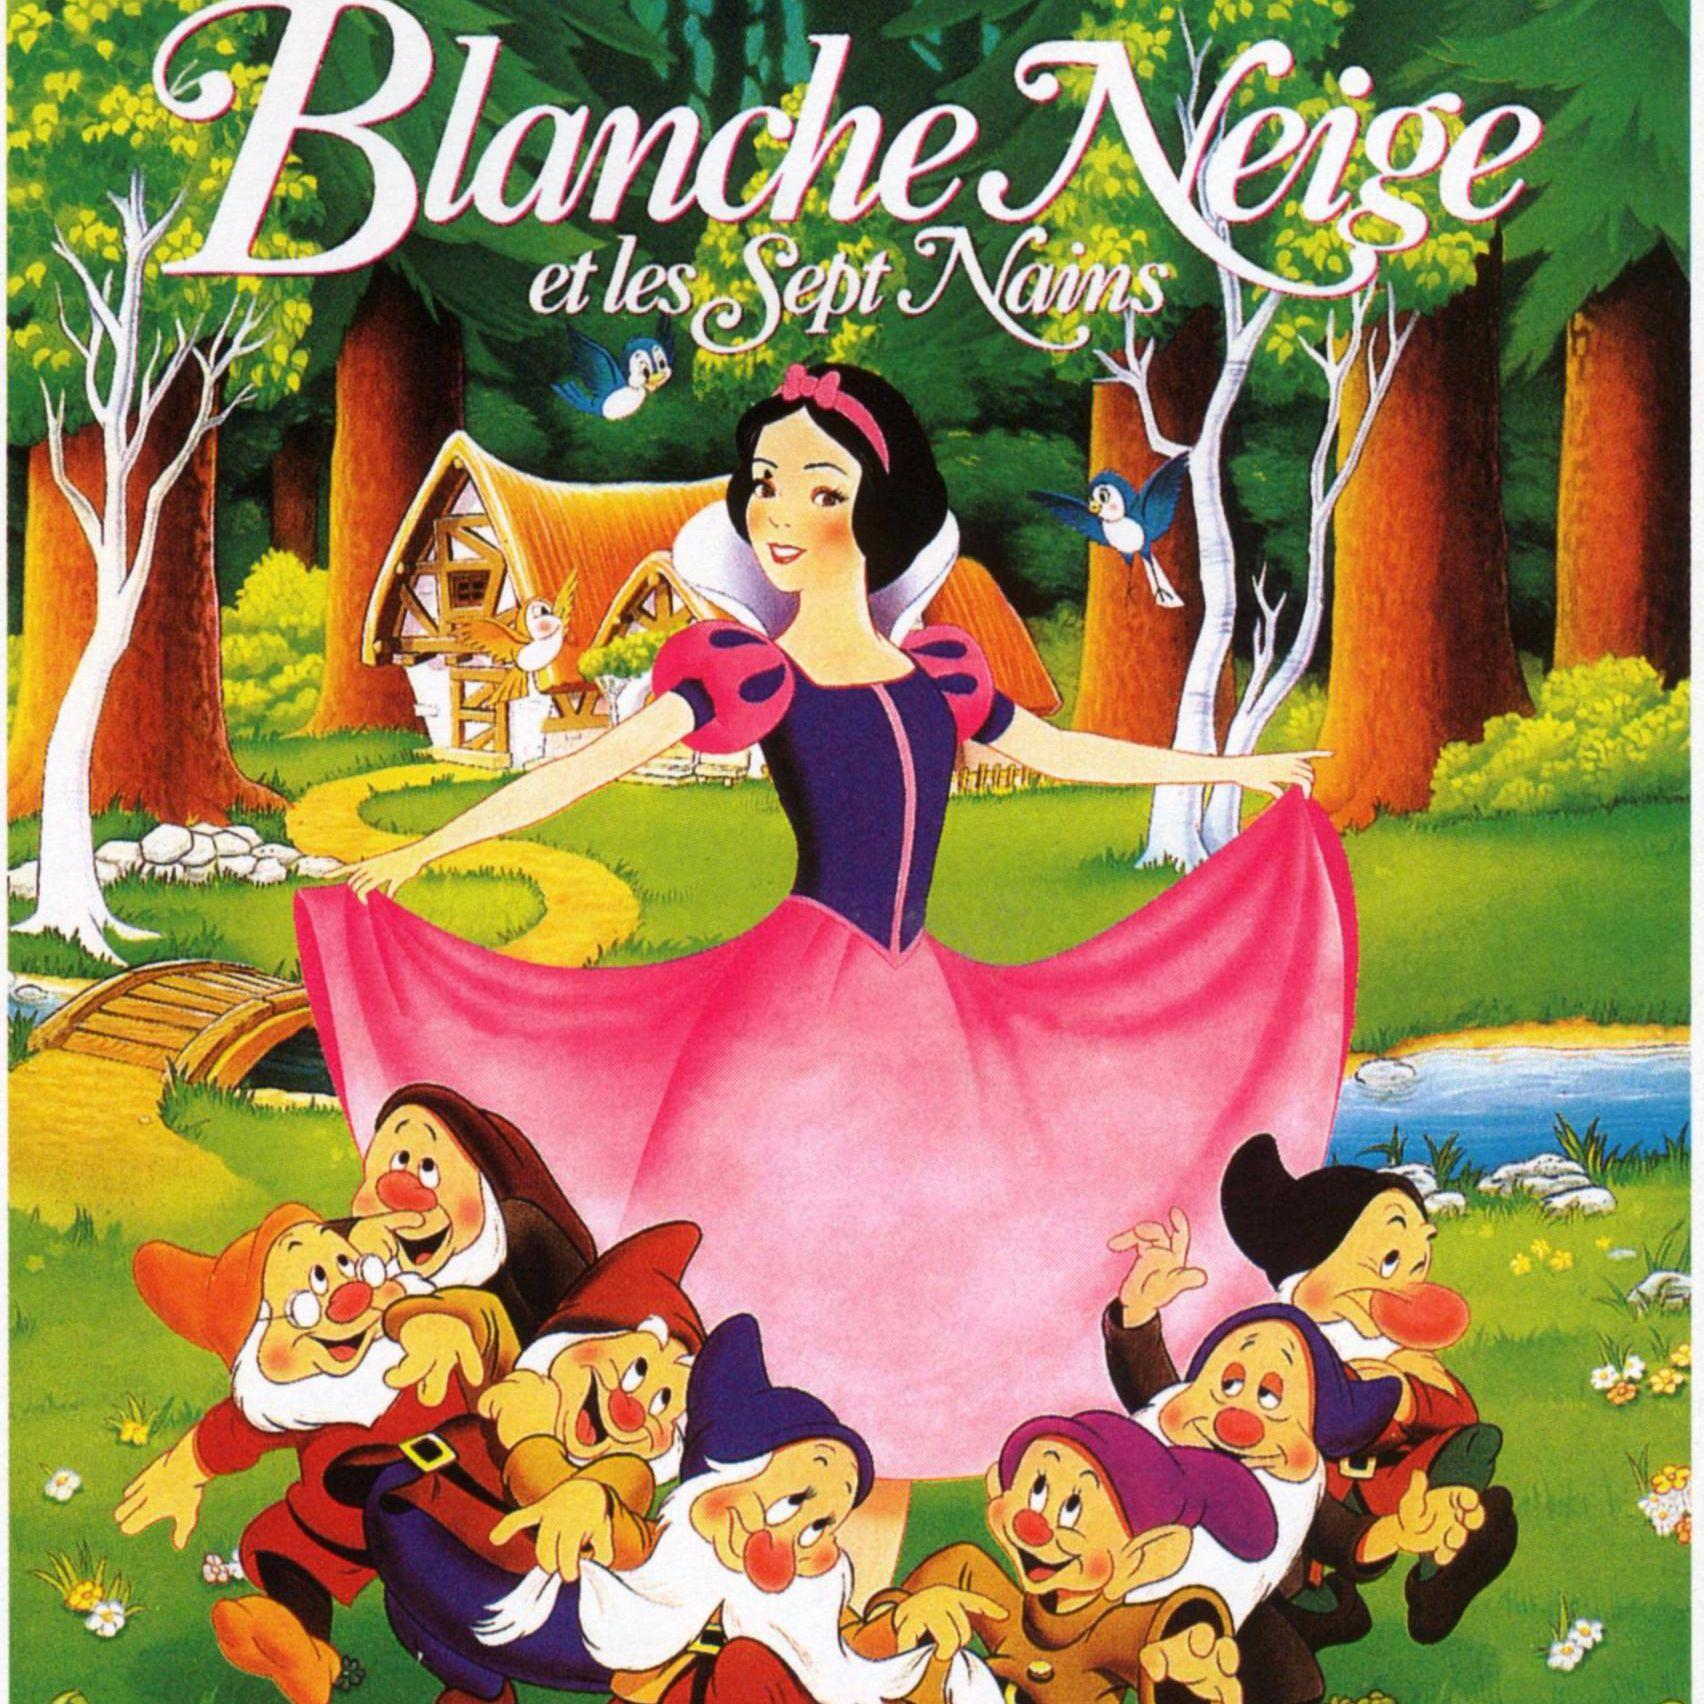 Blanche Neige et les 7 Nains - Les secrets du cinéma